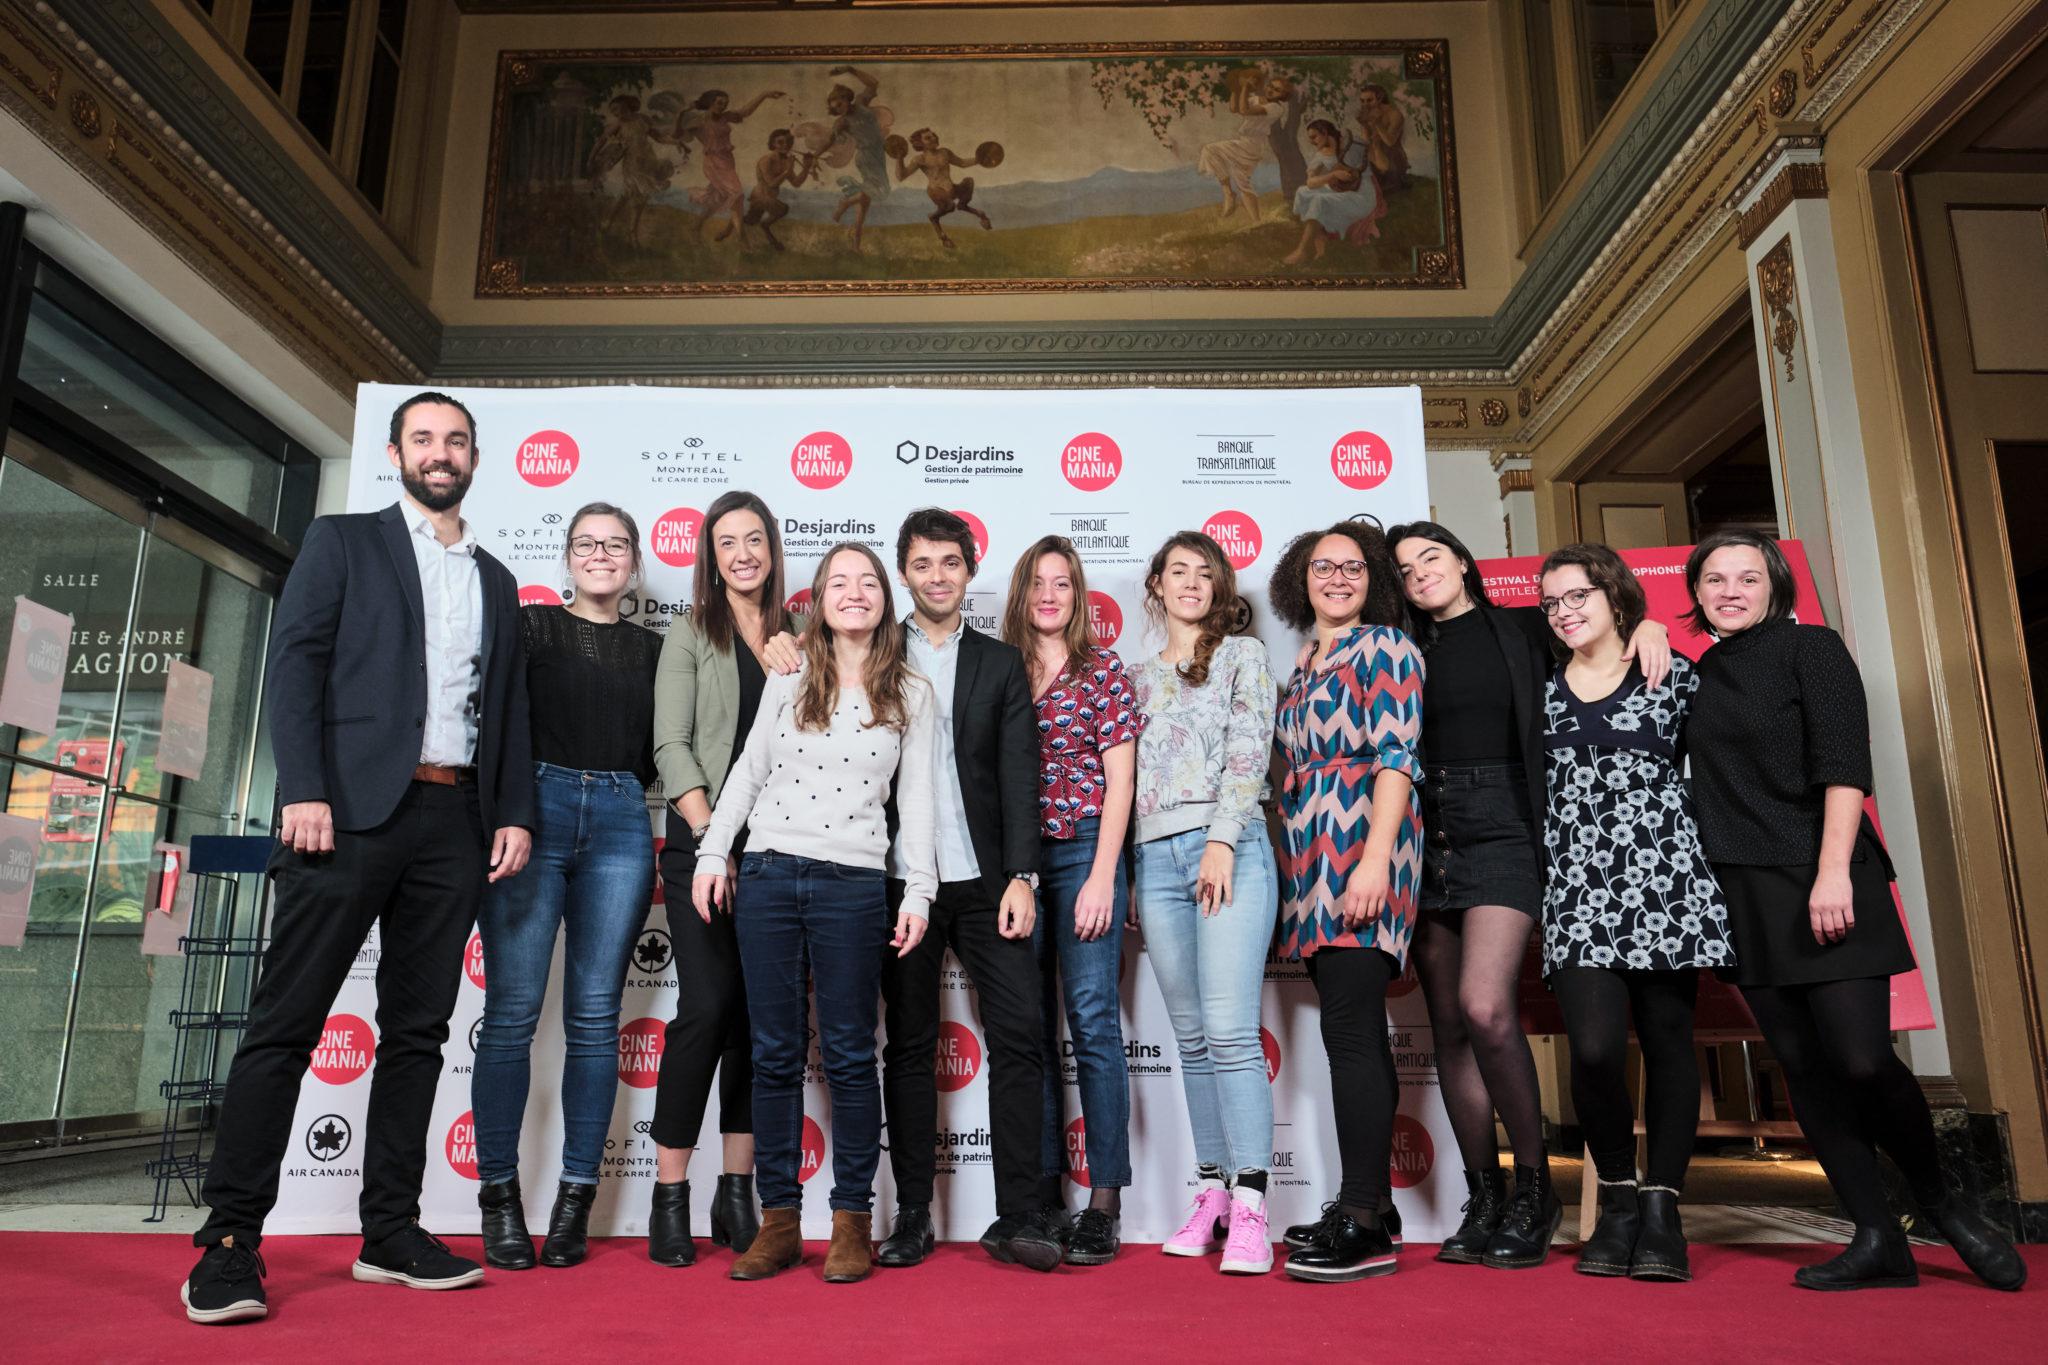 La 25e édition du Festival de films CINEMANIA couronnée de succès !